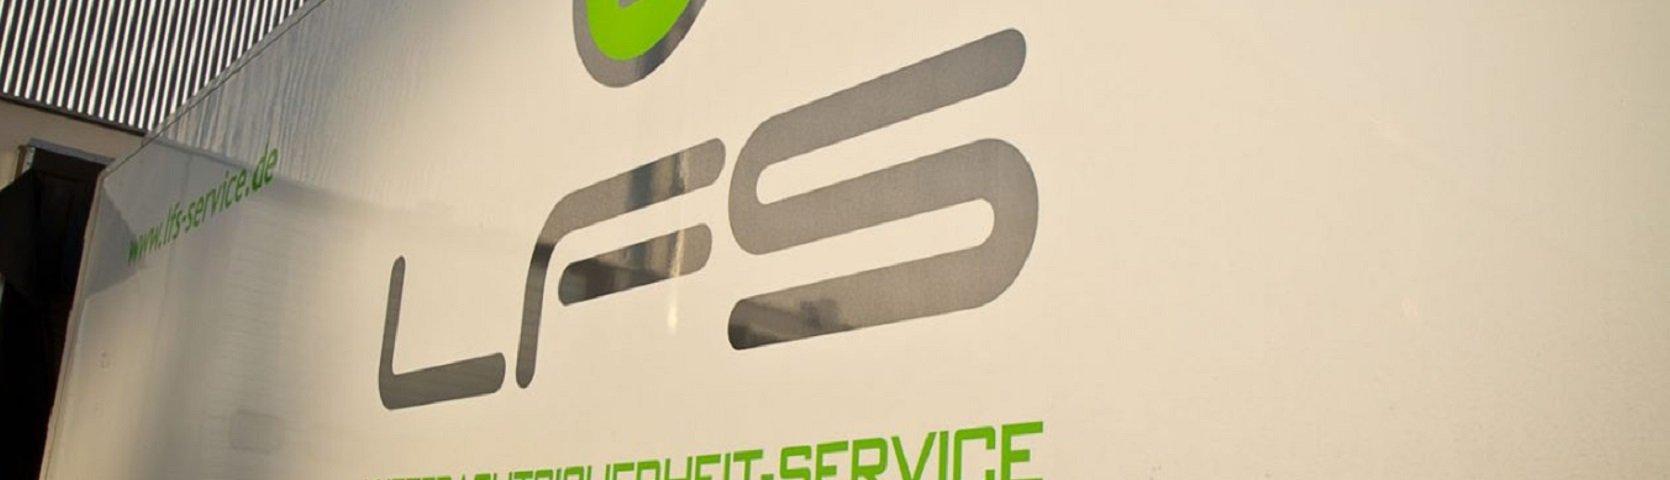 Luftfrachtsicherheit-Service GmbH